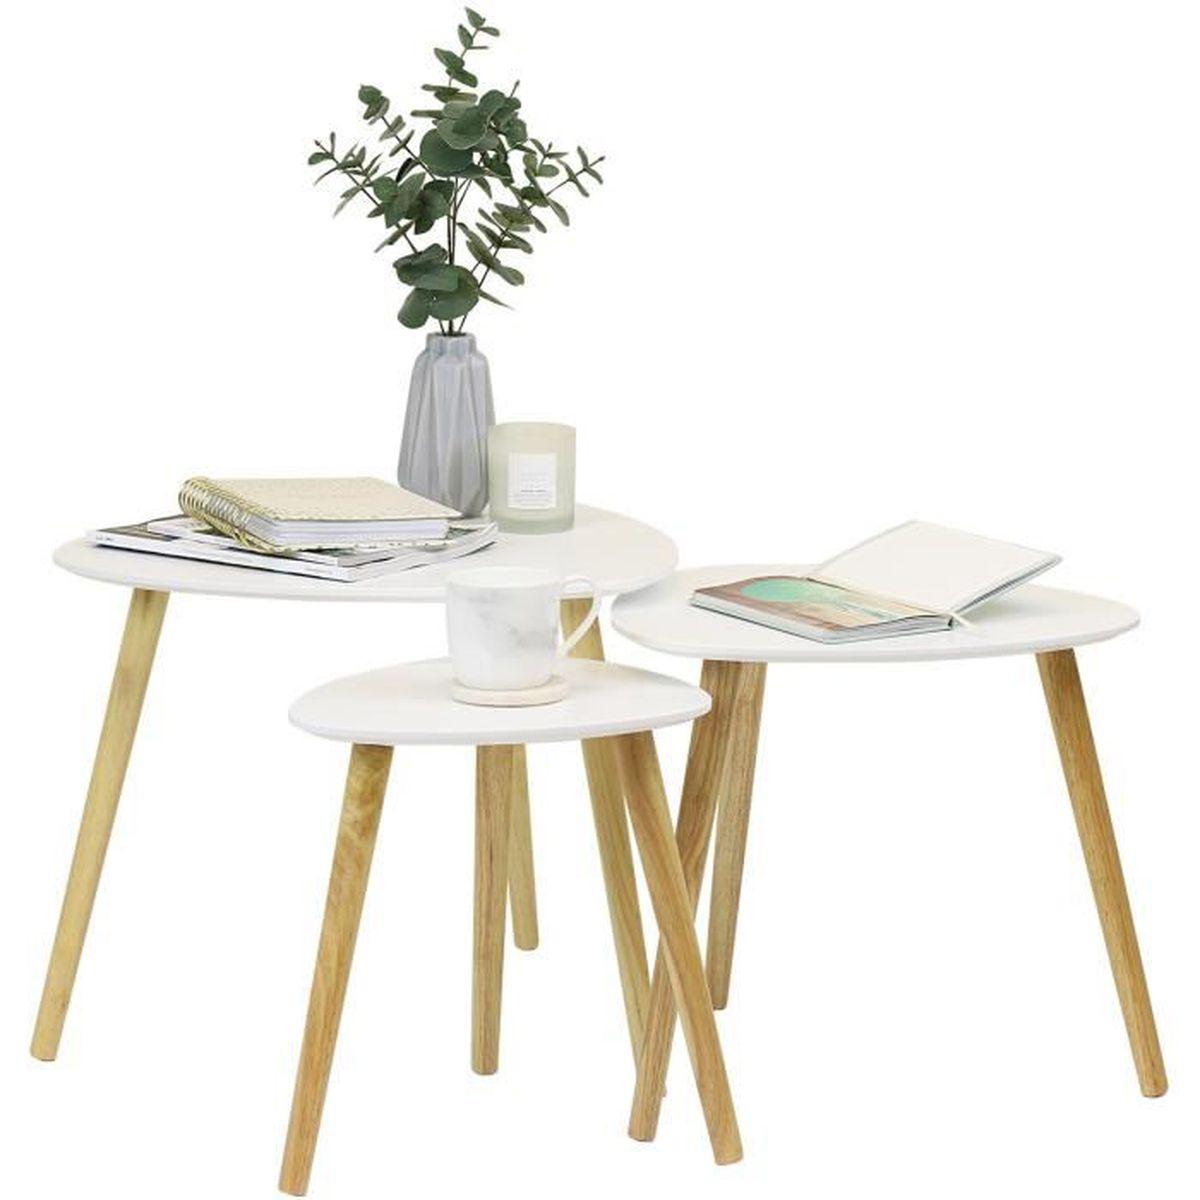 Leshp Lot De 3 Tables Basse Scandinave Decor Blanc Achat